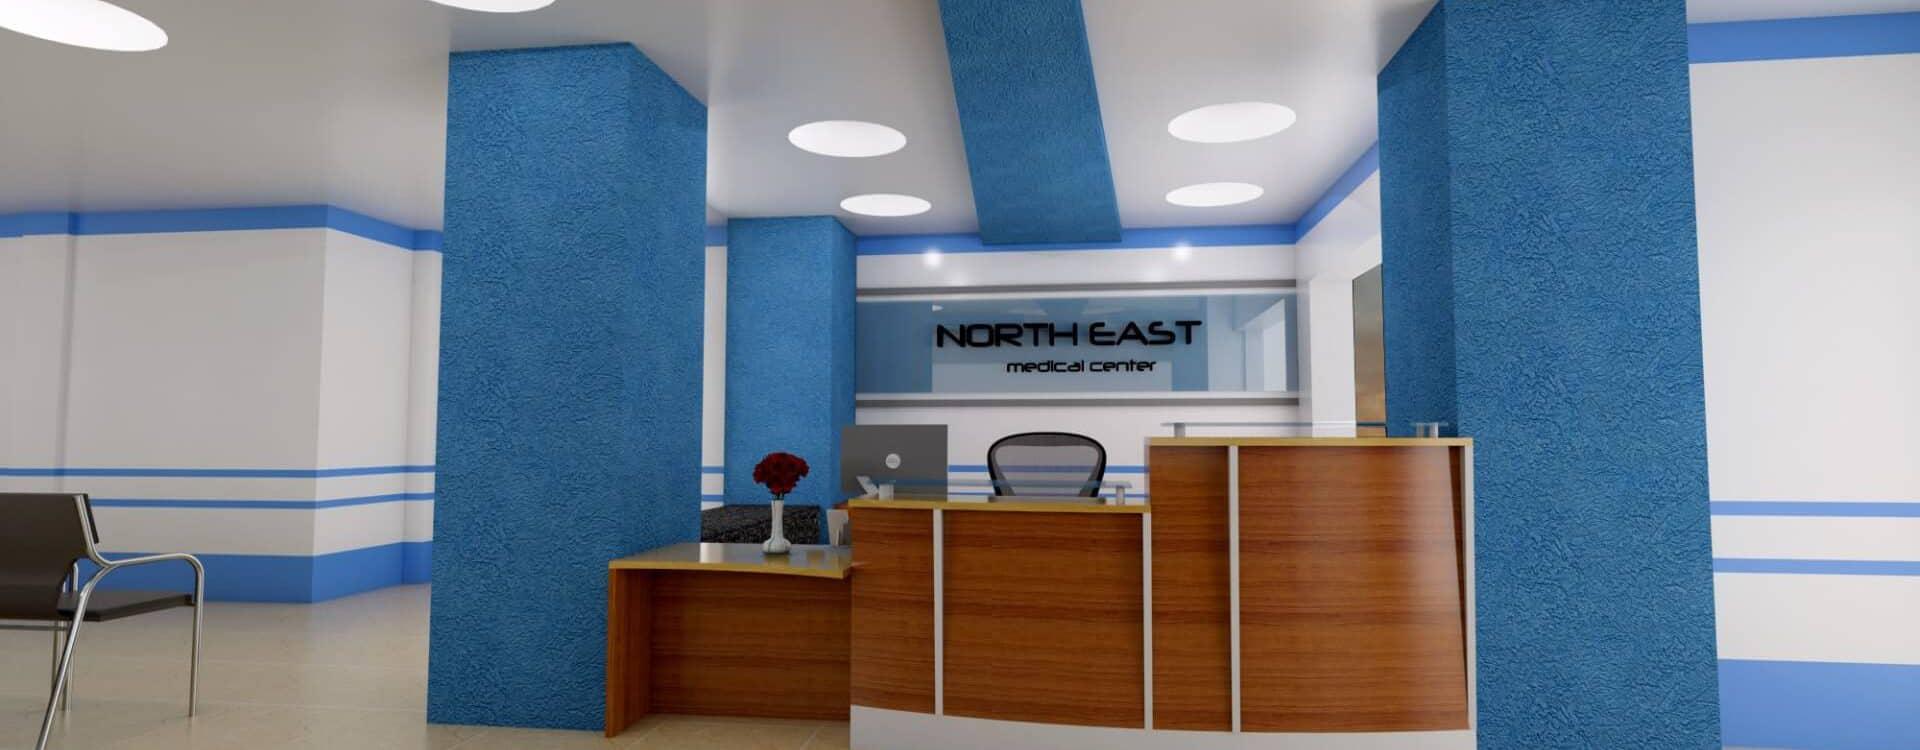 North East Medical Center at Kolkata